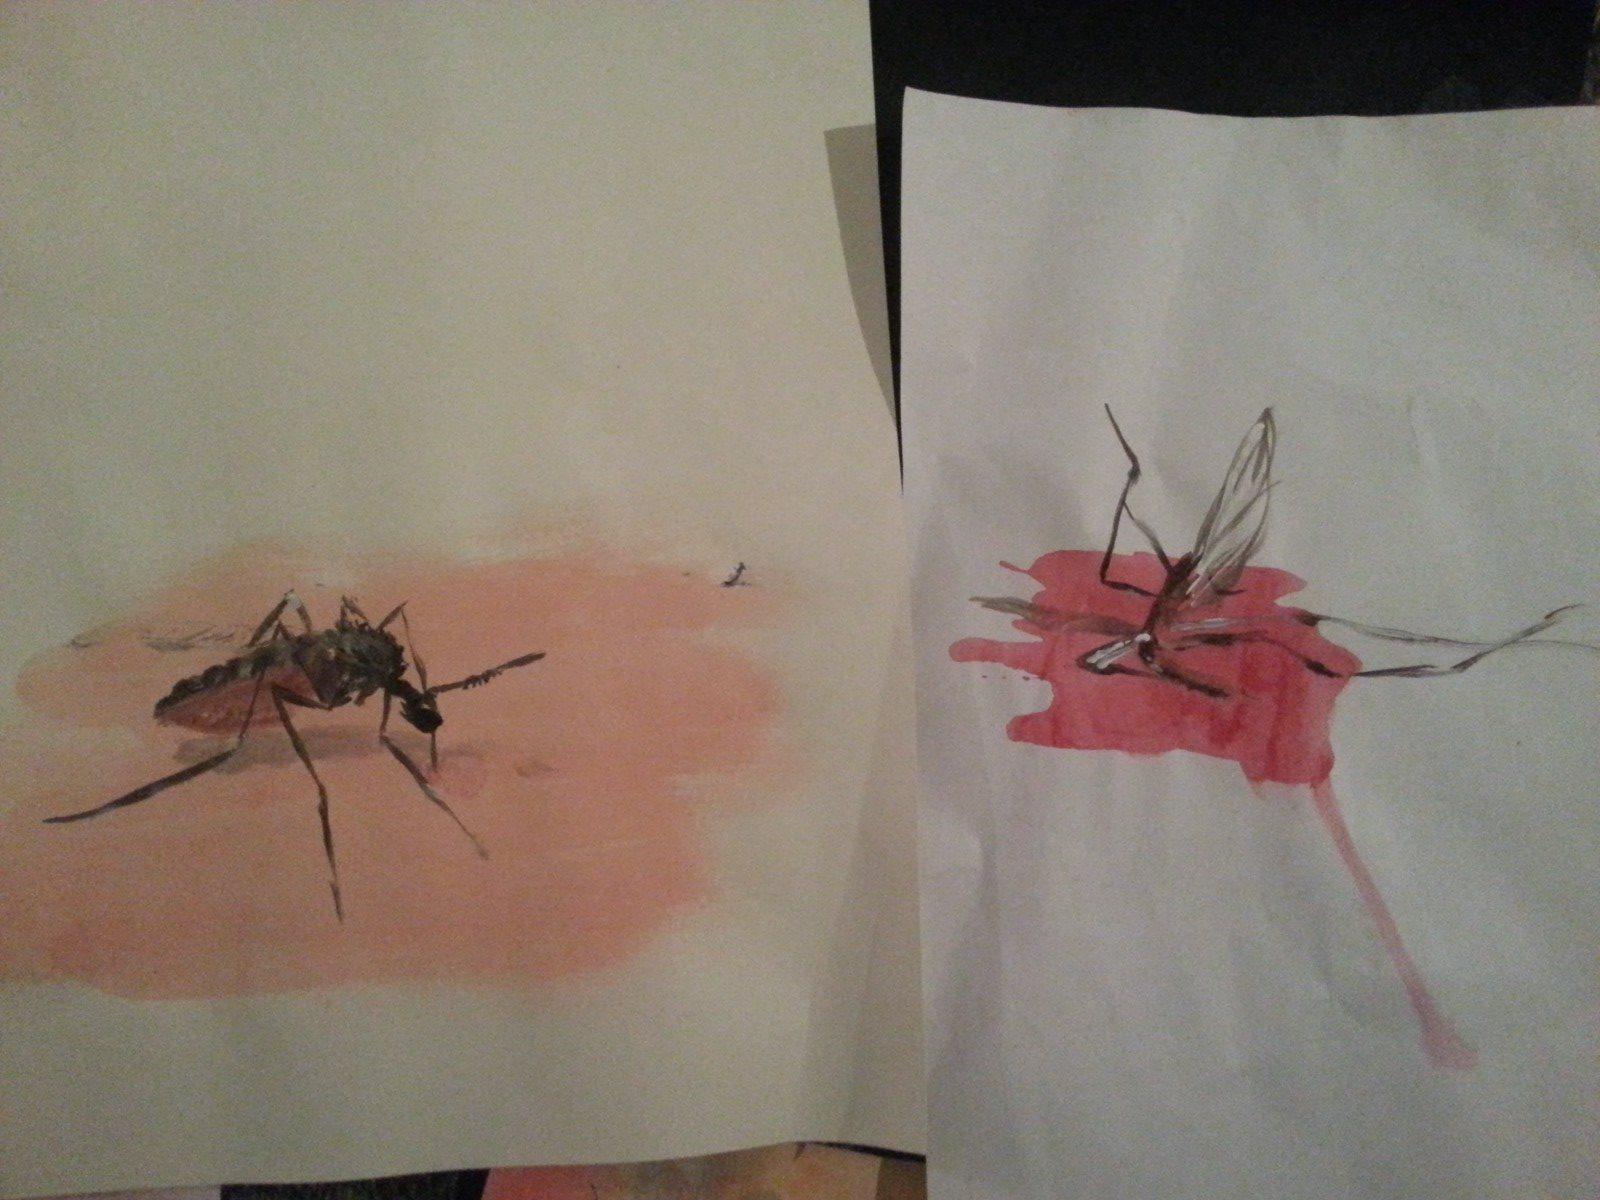 Mosquito where he belongs